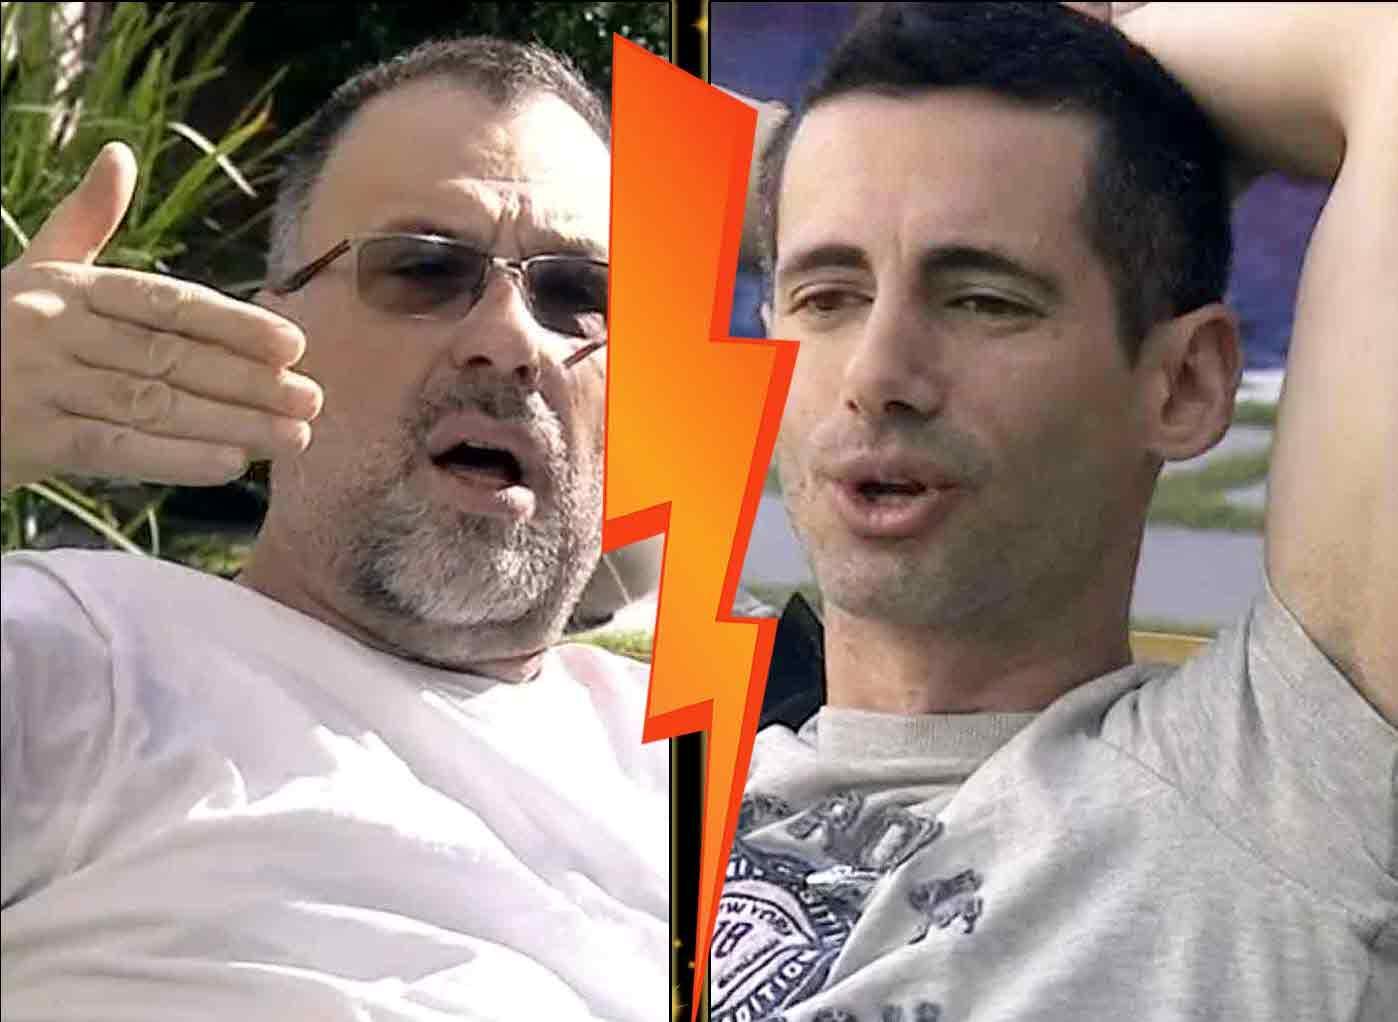 """רמי זרק לאילון וג'וזי:""""שני קוקסינלים חננות"""" וגרם לפיצוץ ברשת!"""